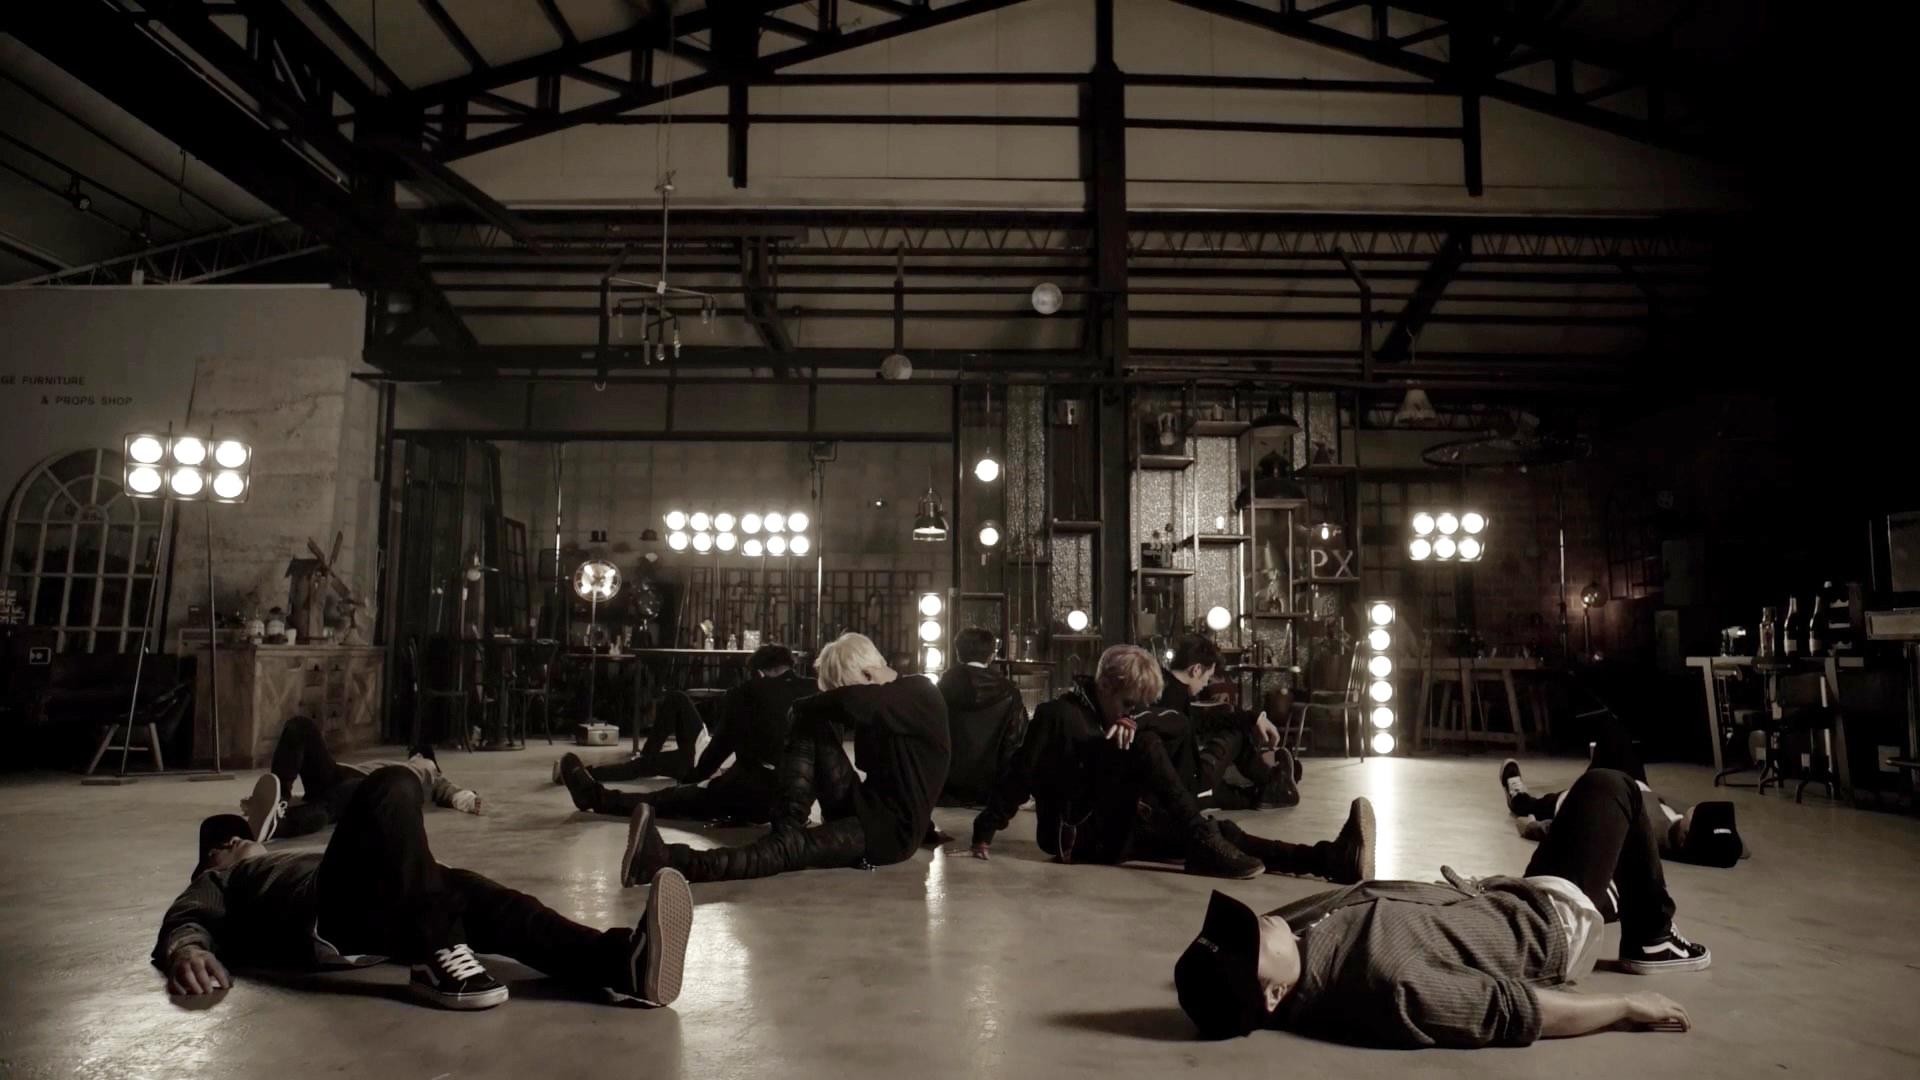 크나큰(KNK) - U(Performance Video)